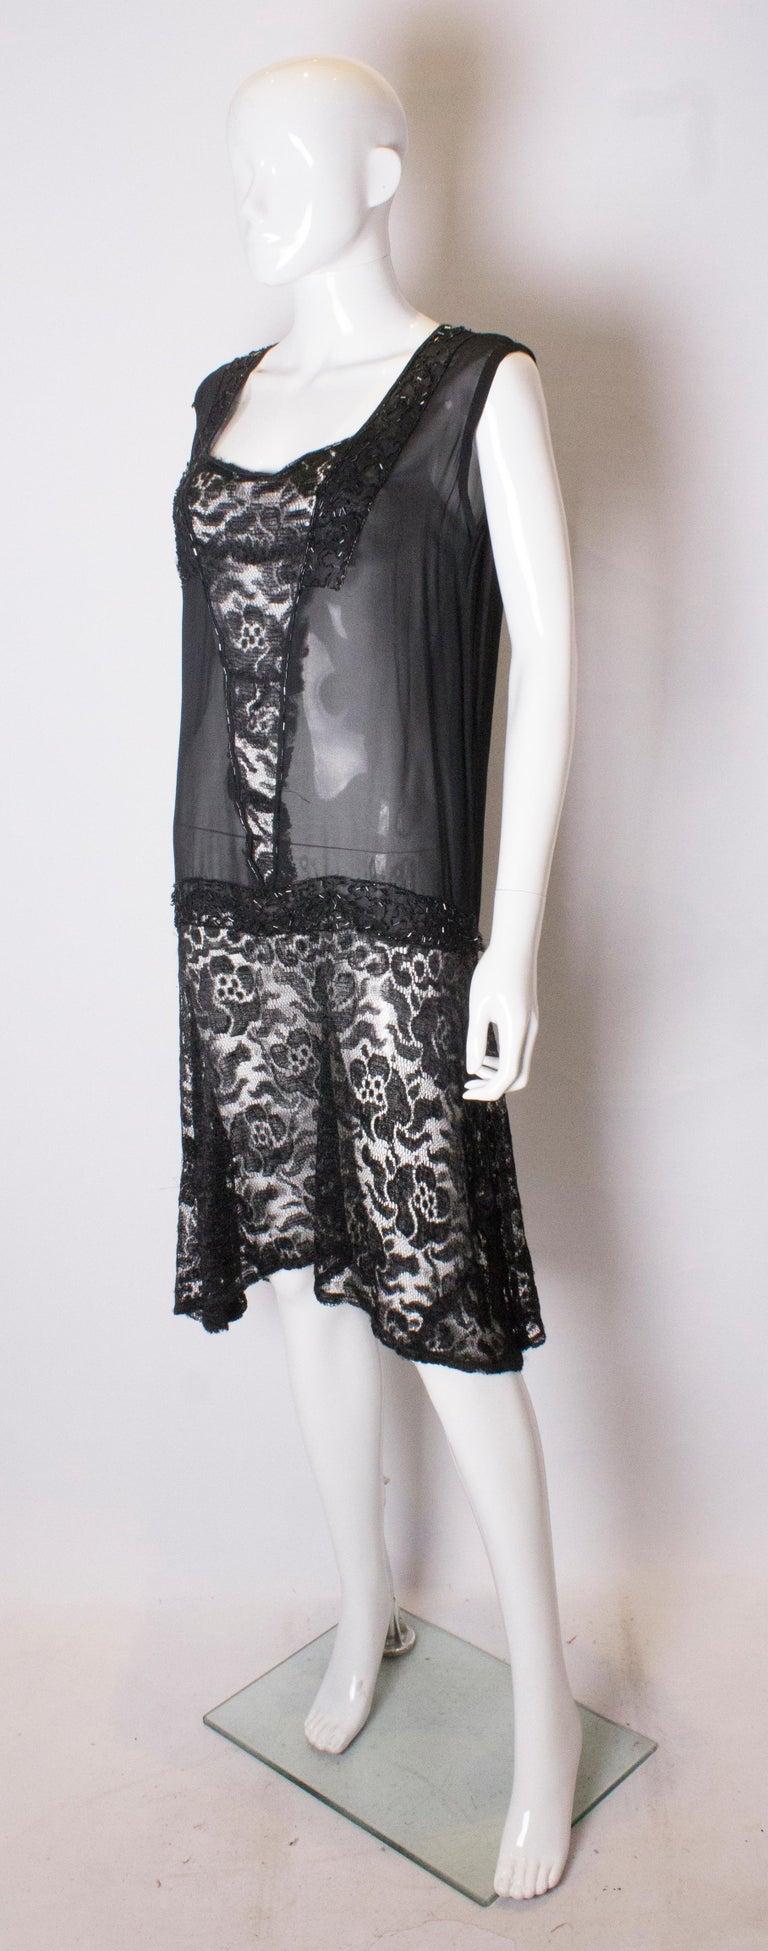 Black Vintage 1920s like Cocktail Dress For Sale